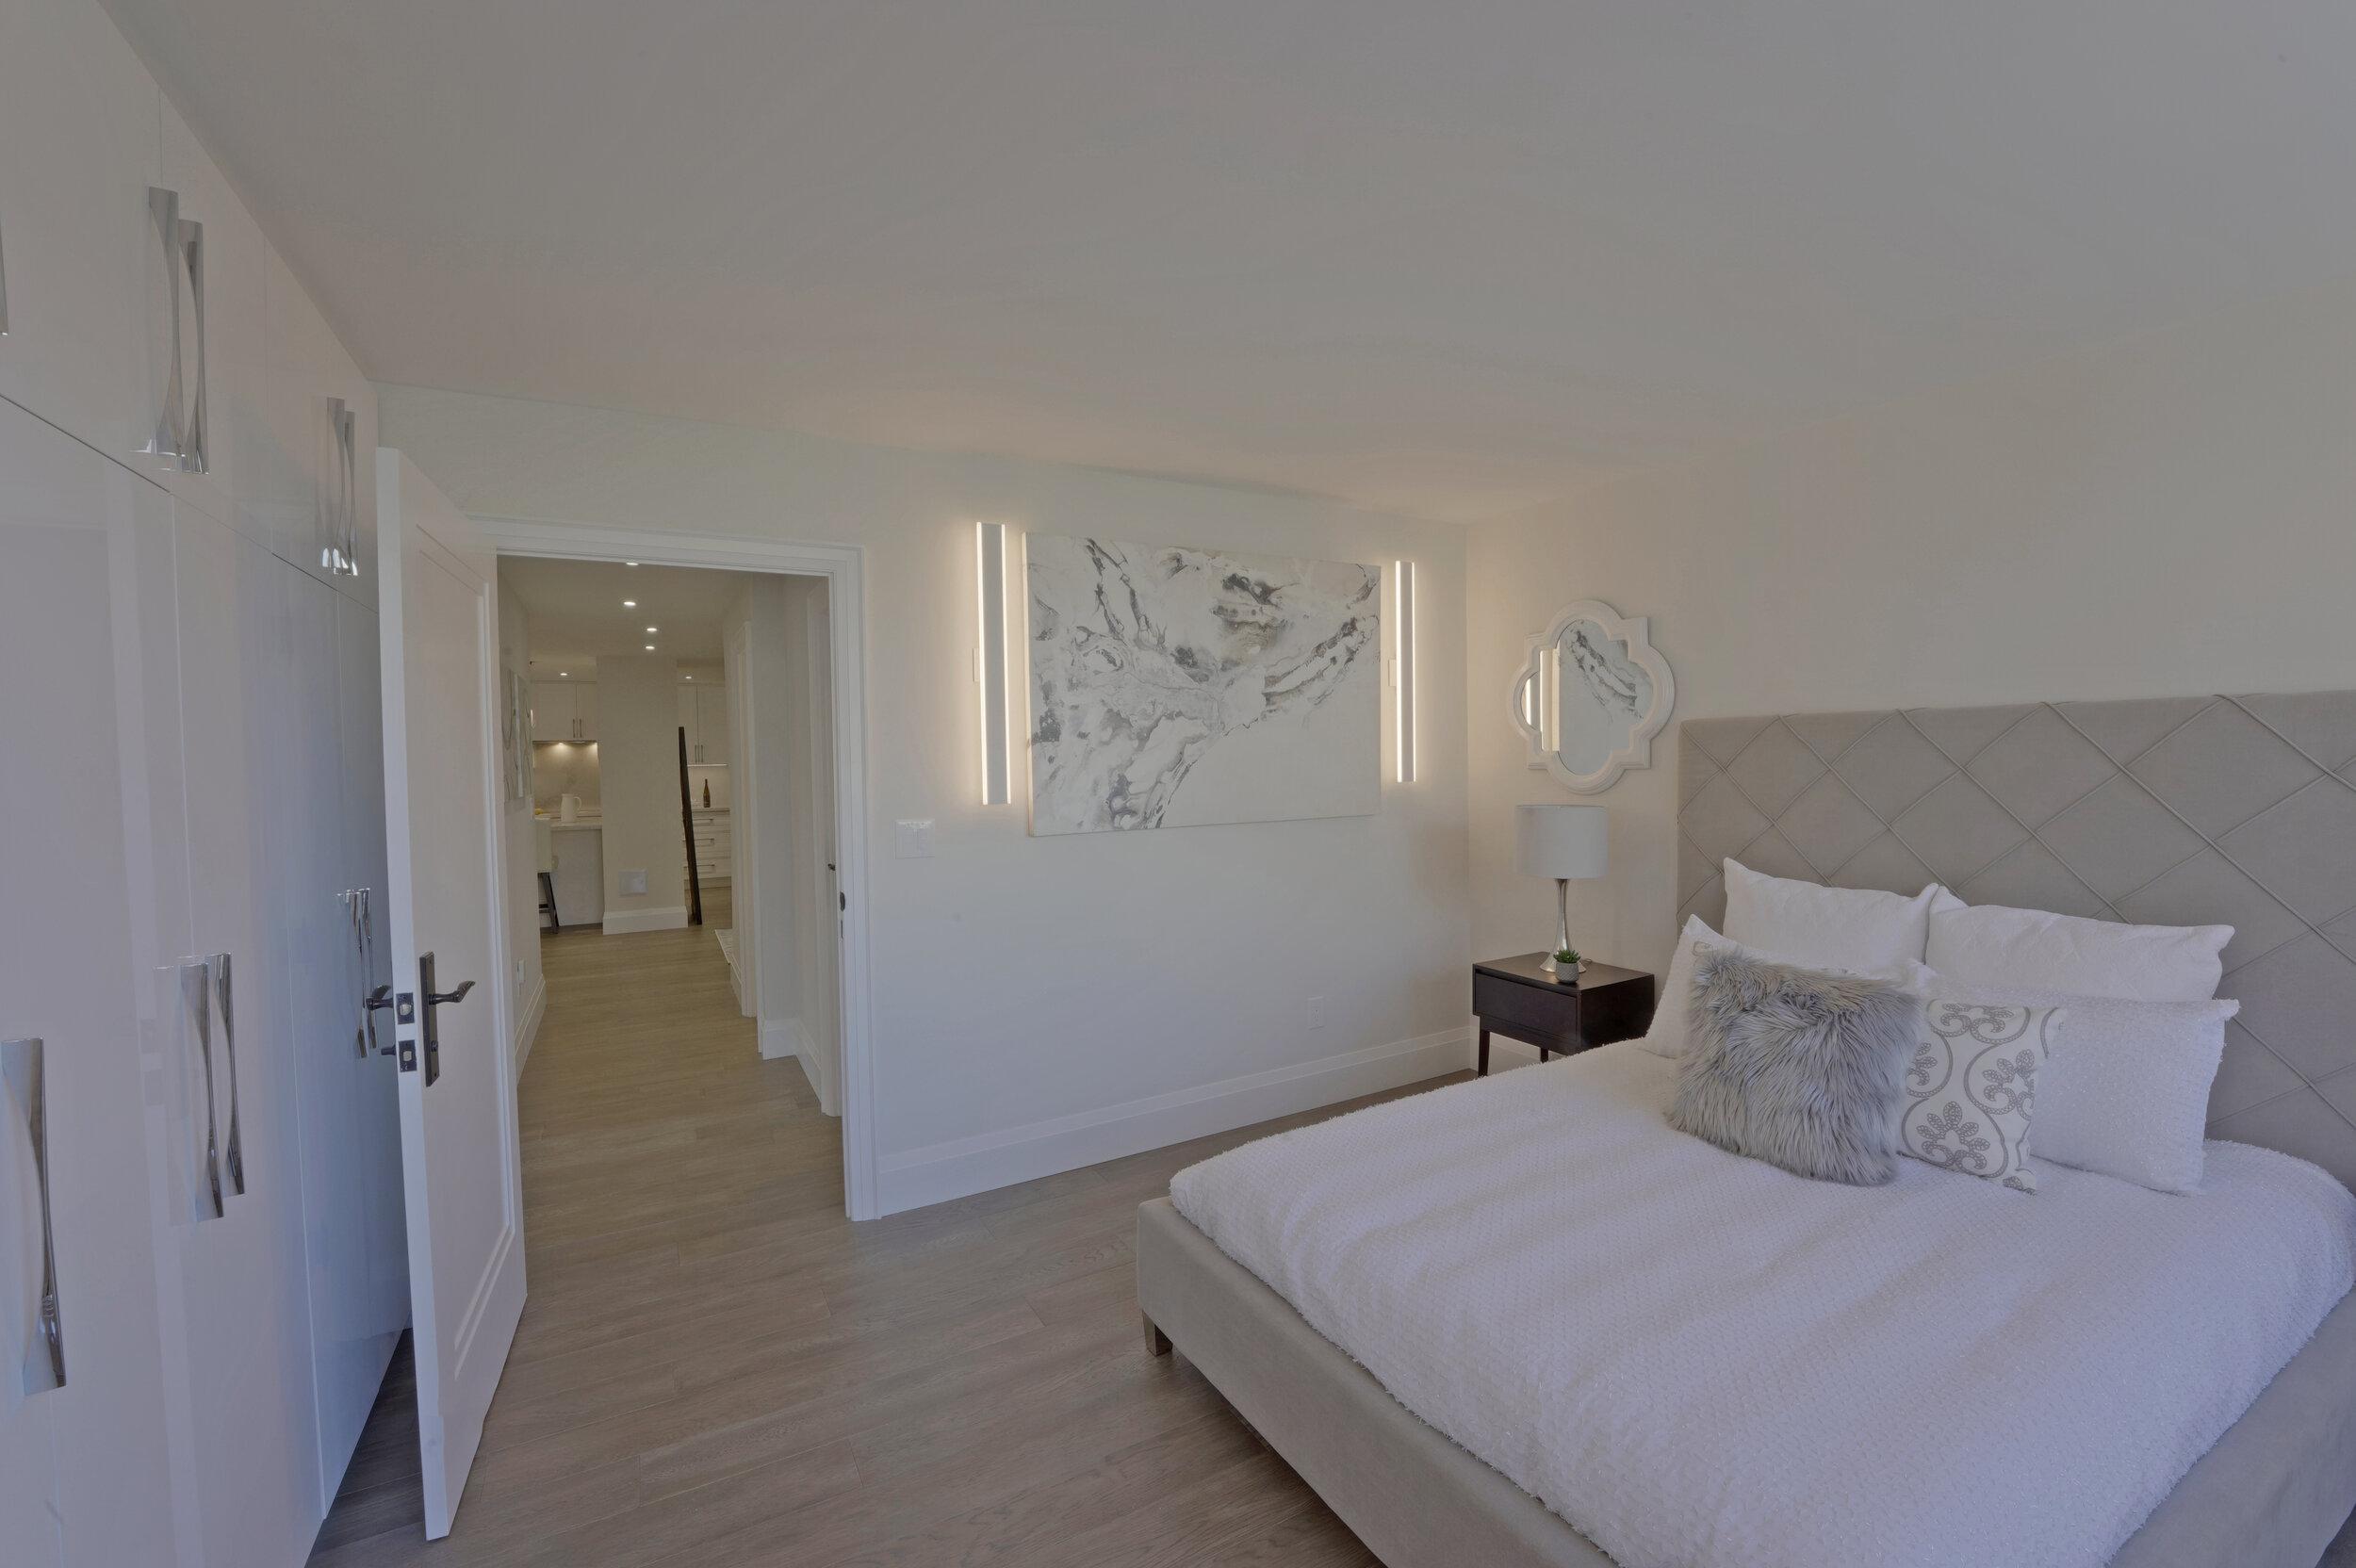 16 - Second Bedroom 3 - DSC00532_3_4_5_6.jpg